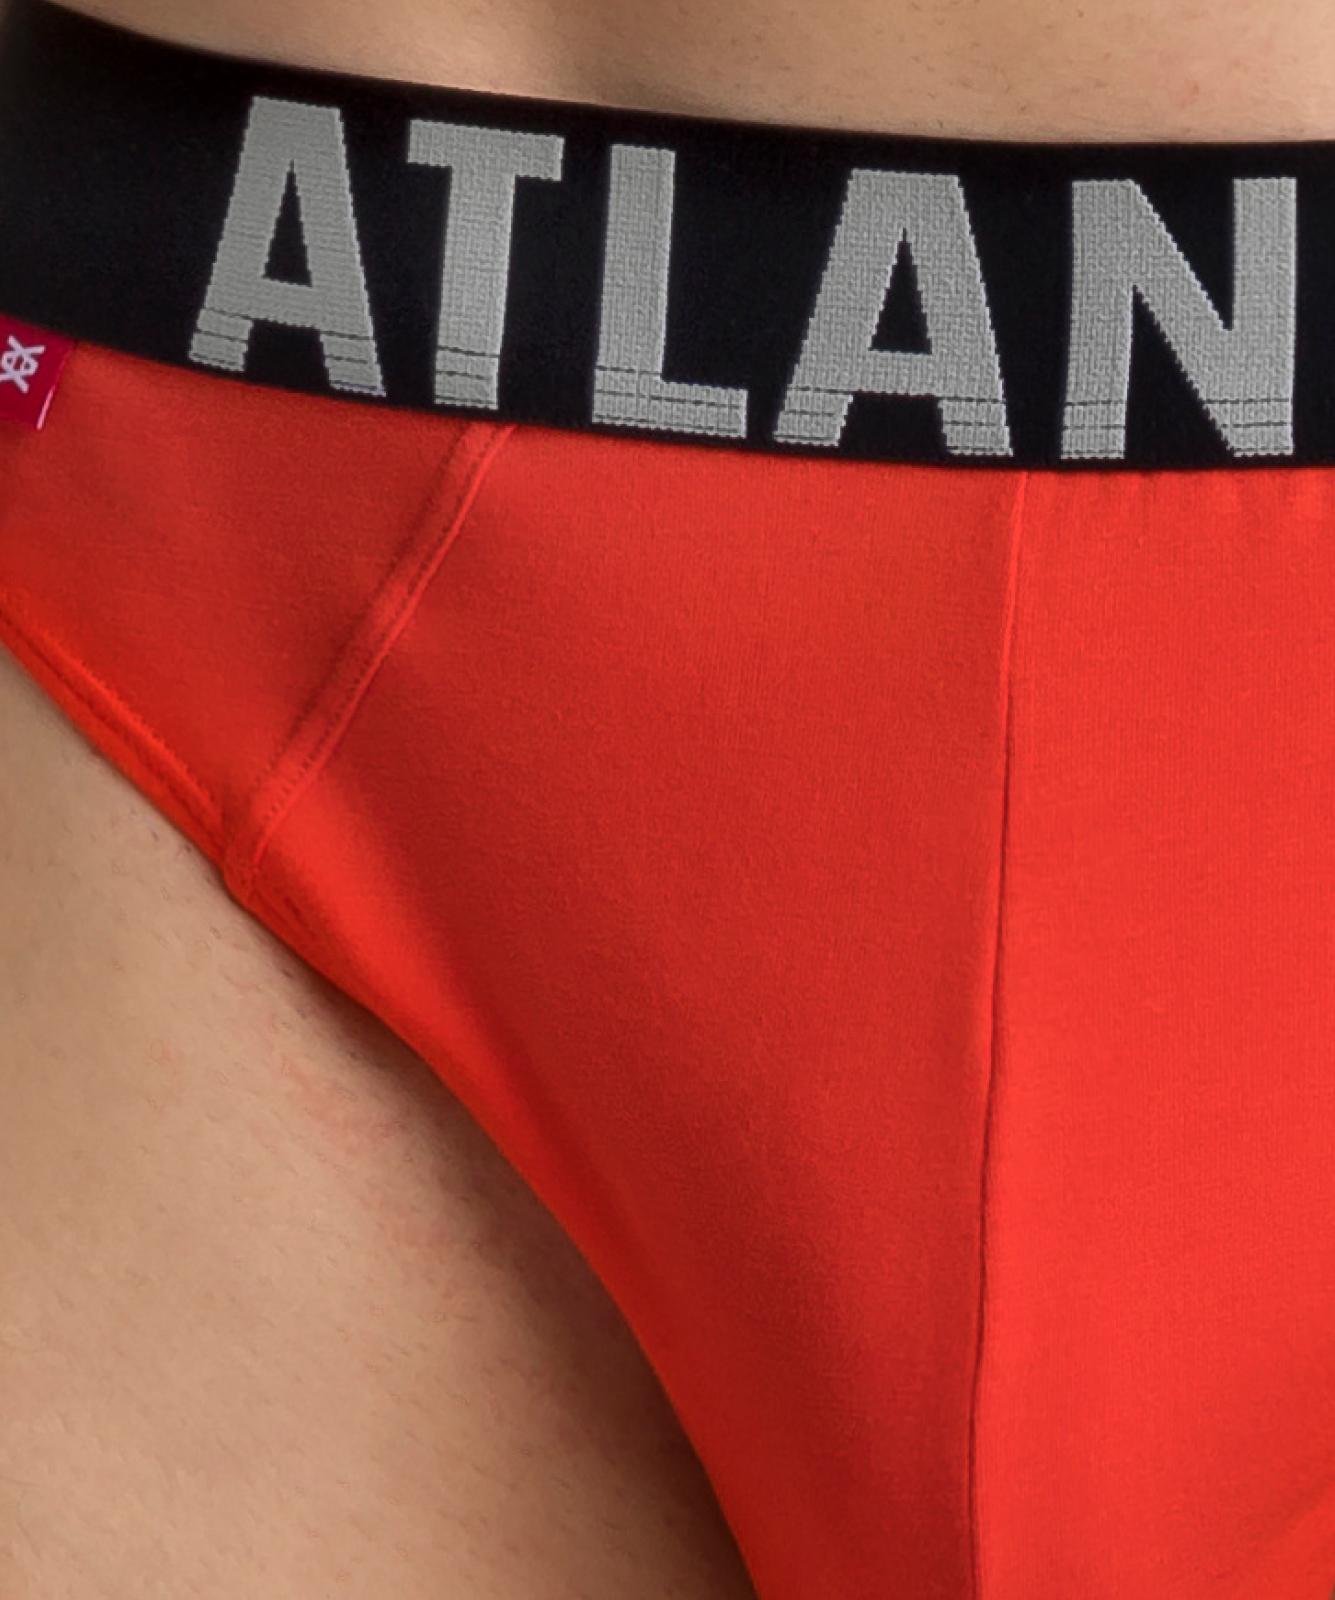 Мужские трусы слипы спорт Atlantic, набор 3 шт., хлопок, хаки + серый меланж + оранжевые, 3SMP-003